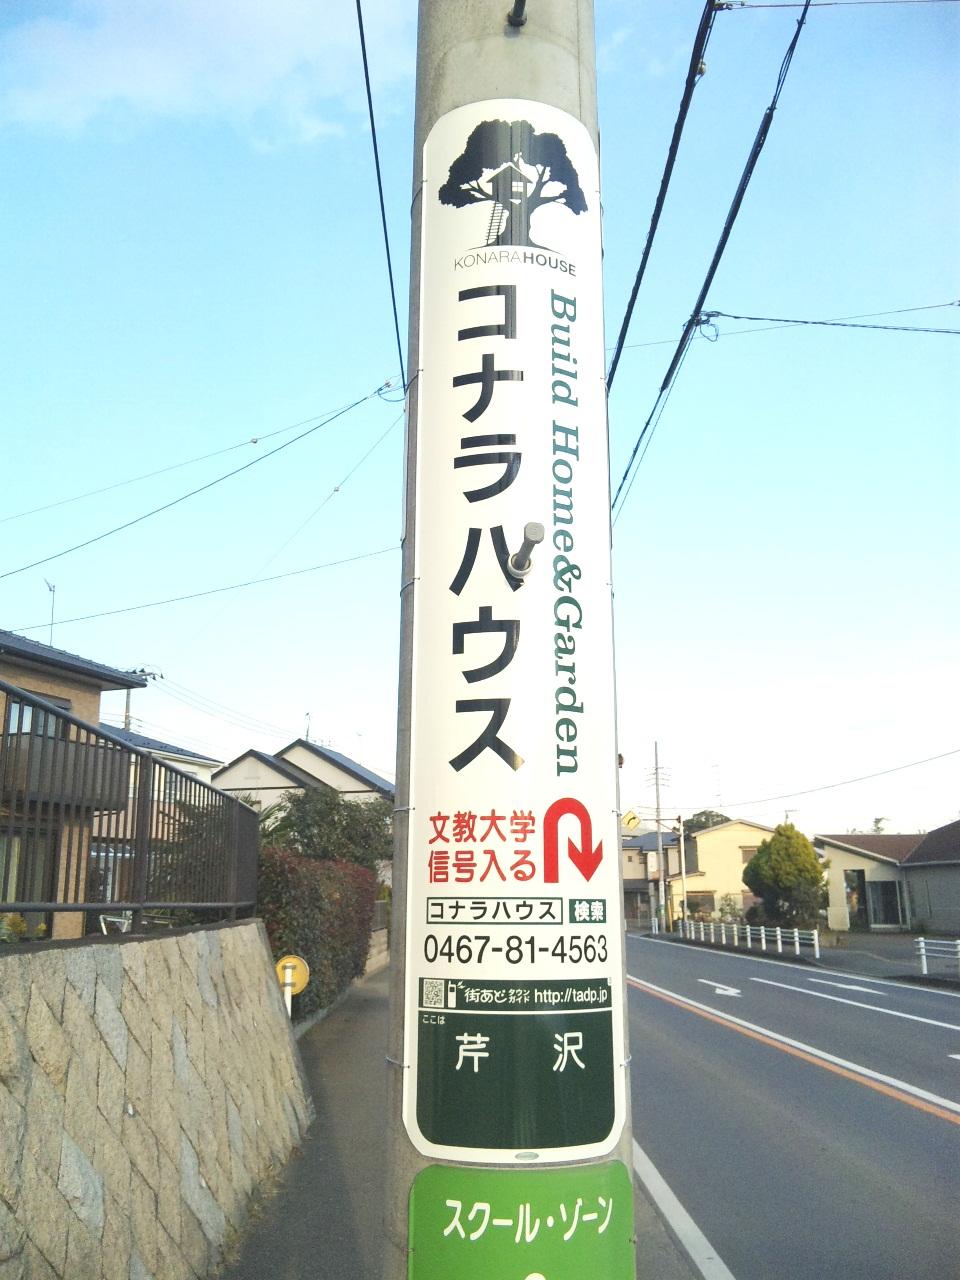 有限会社 究建築工房 様 (コナラハウス様)